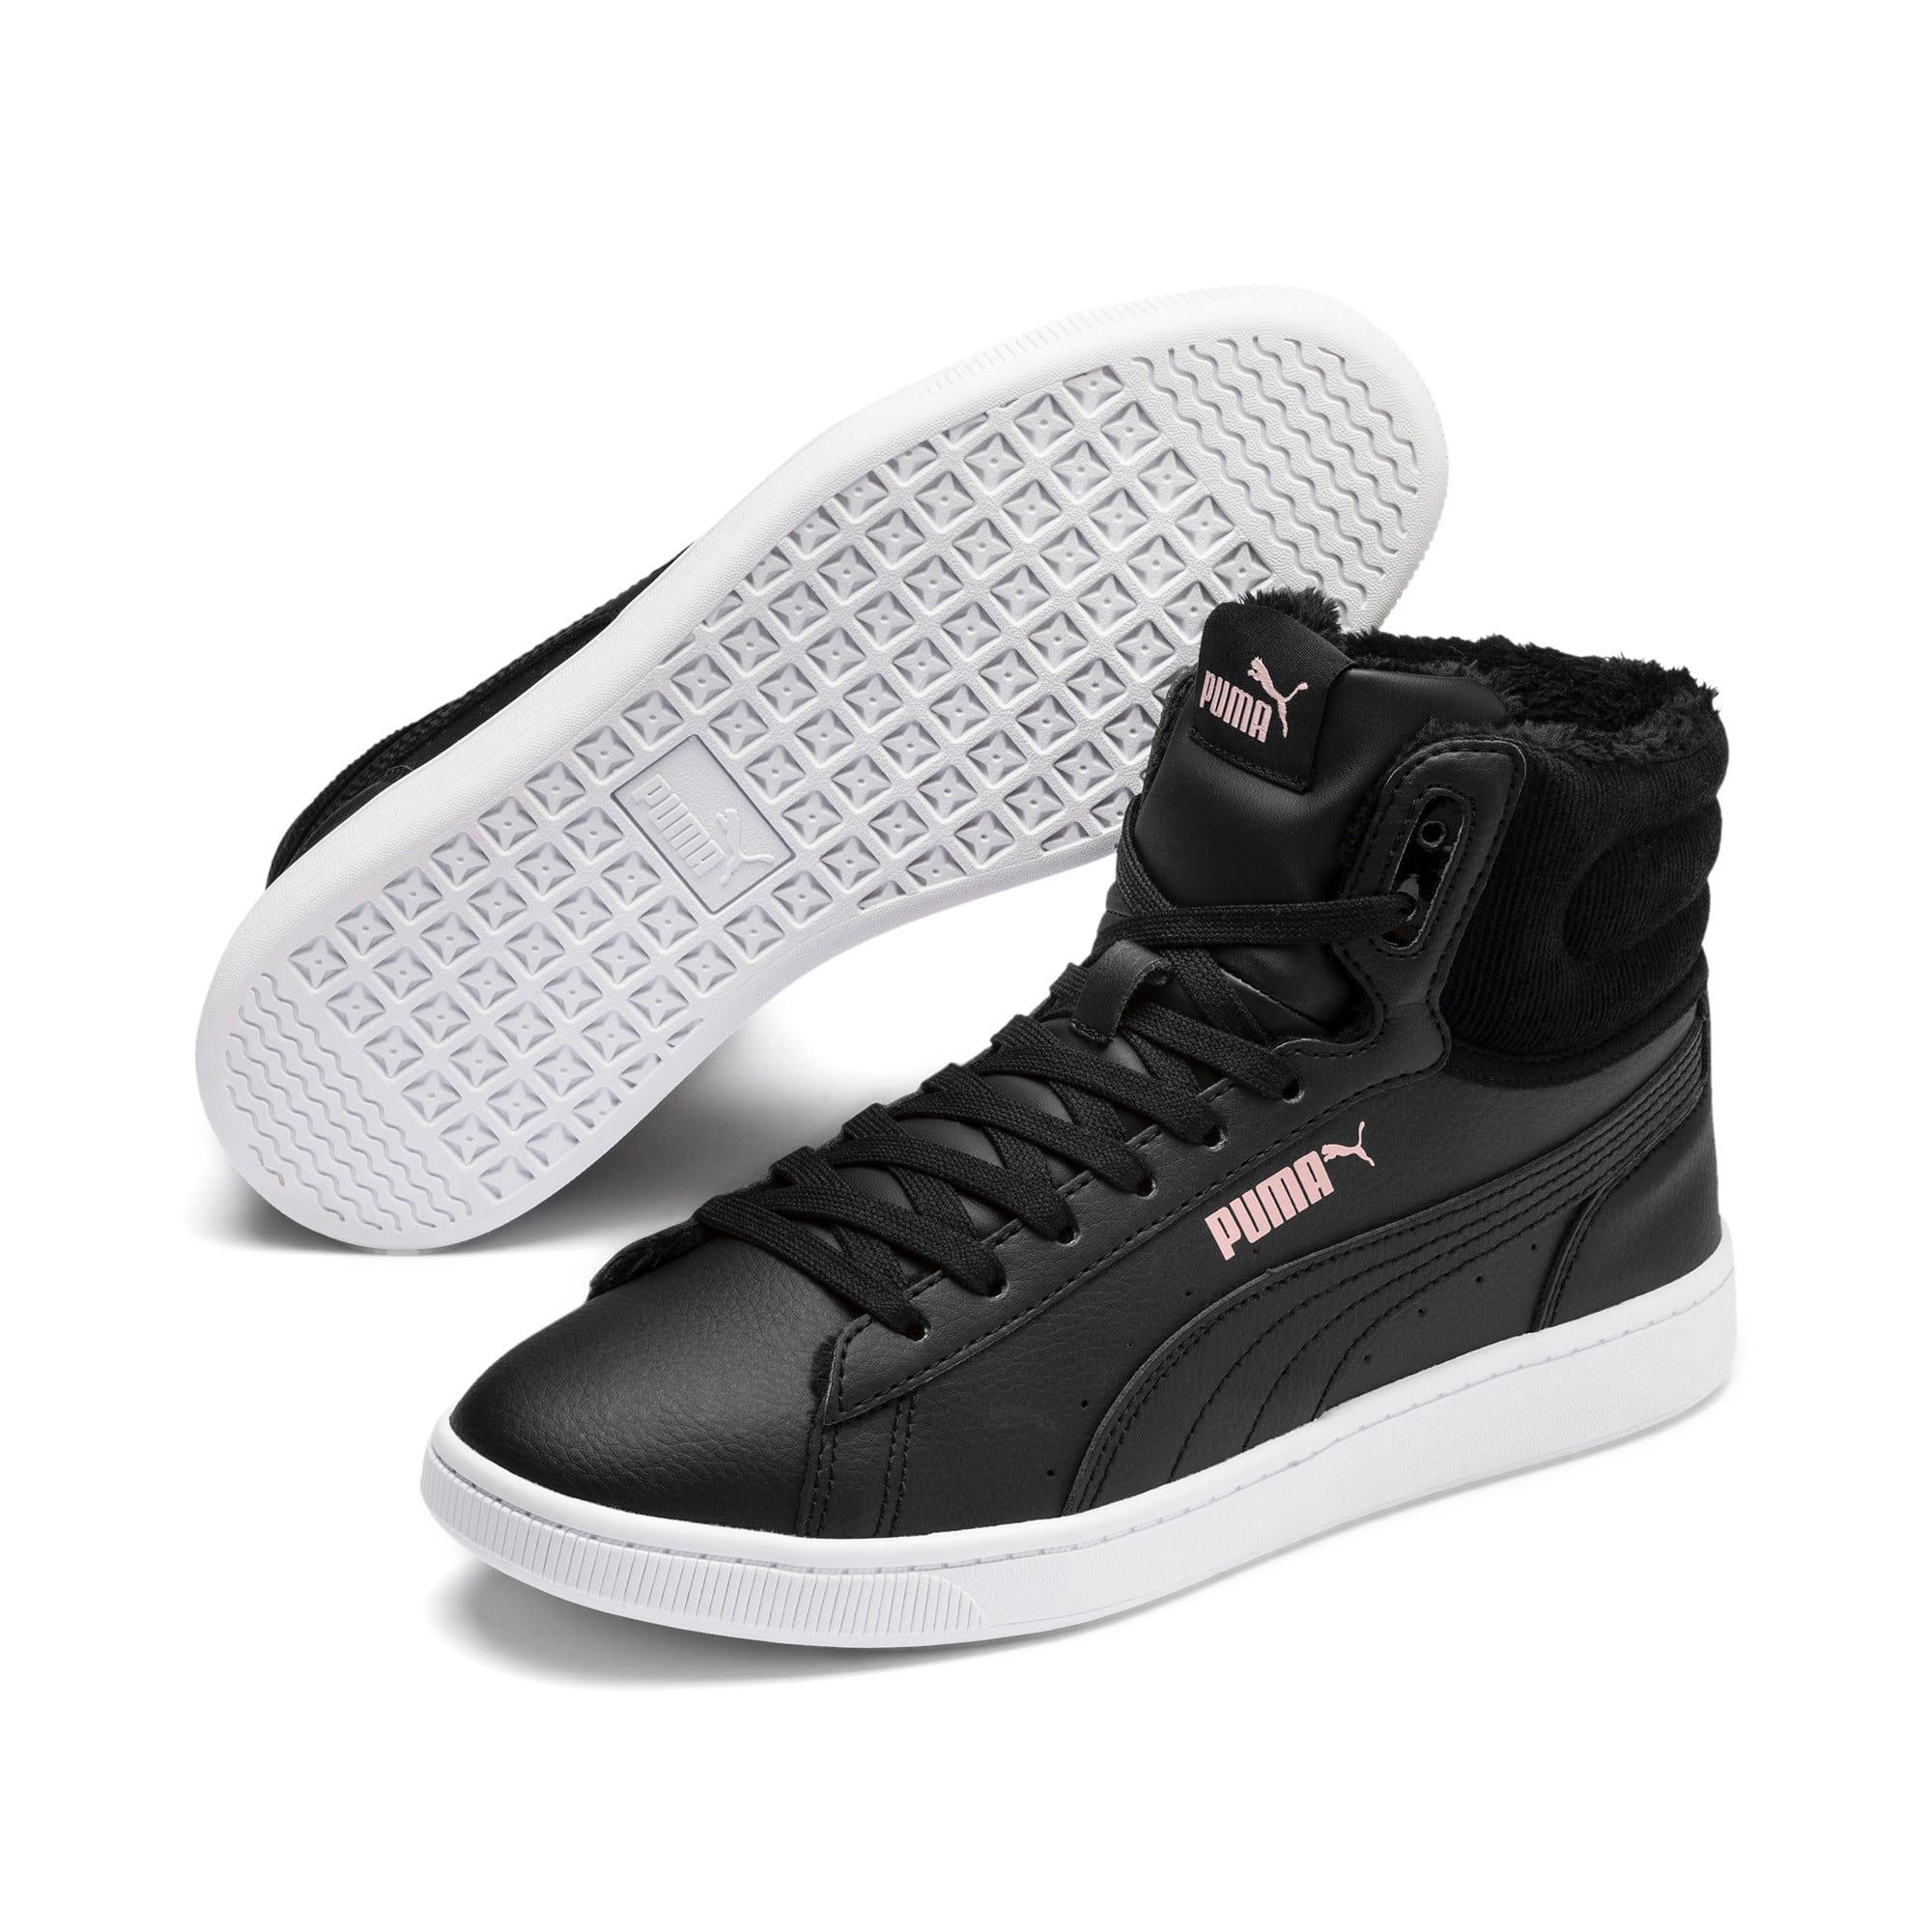 Thumbnail 3 of PUMA Vikky v2 Mid Winter Women's Sneakers, Puma Black-Bridal Rose-White, medium